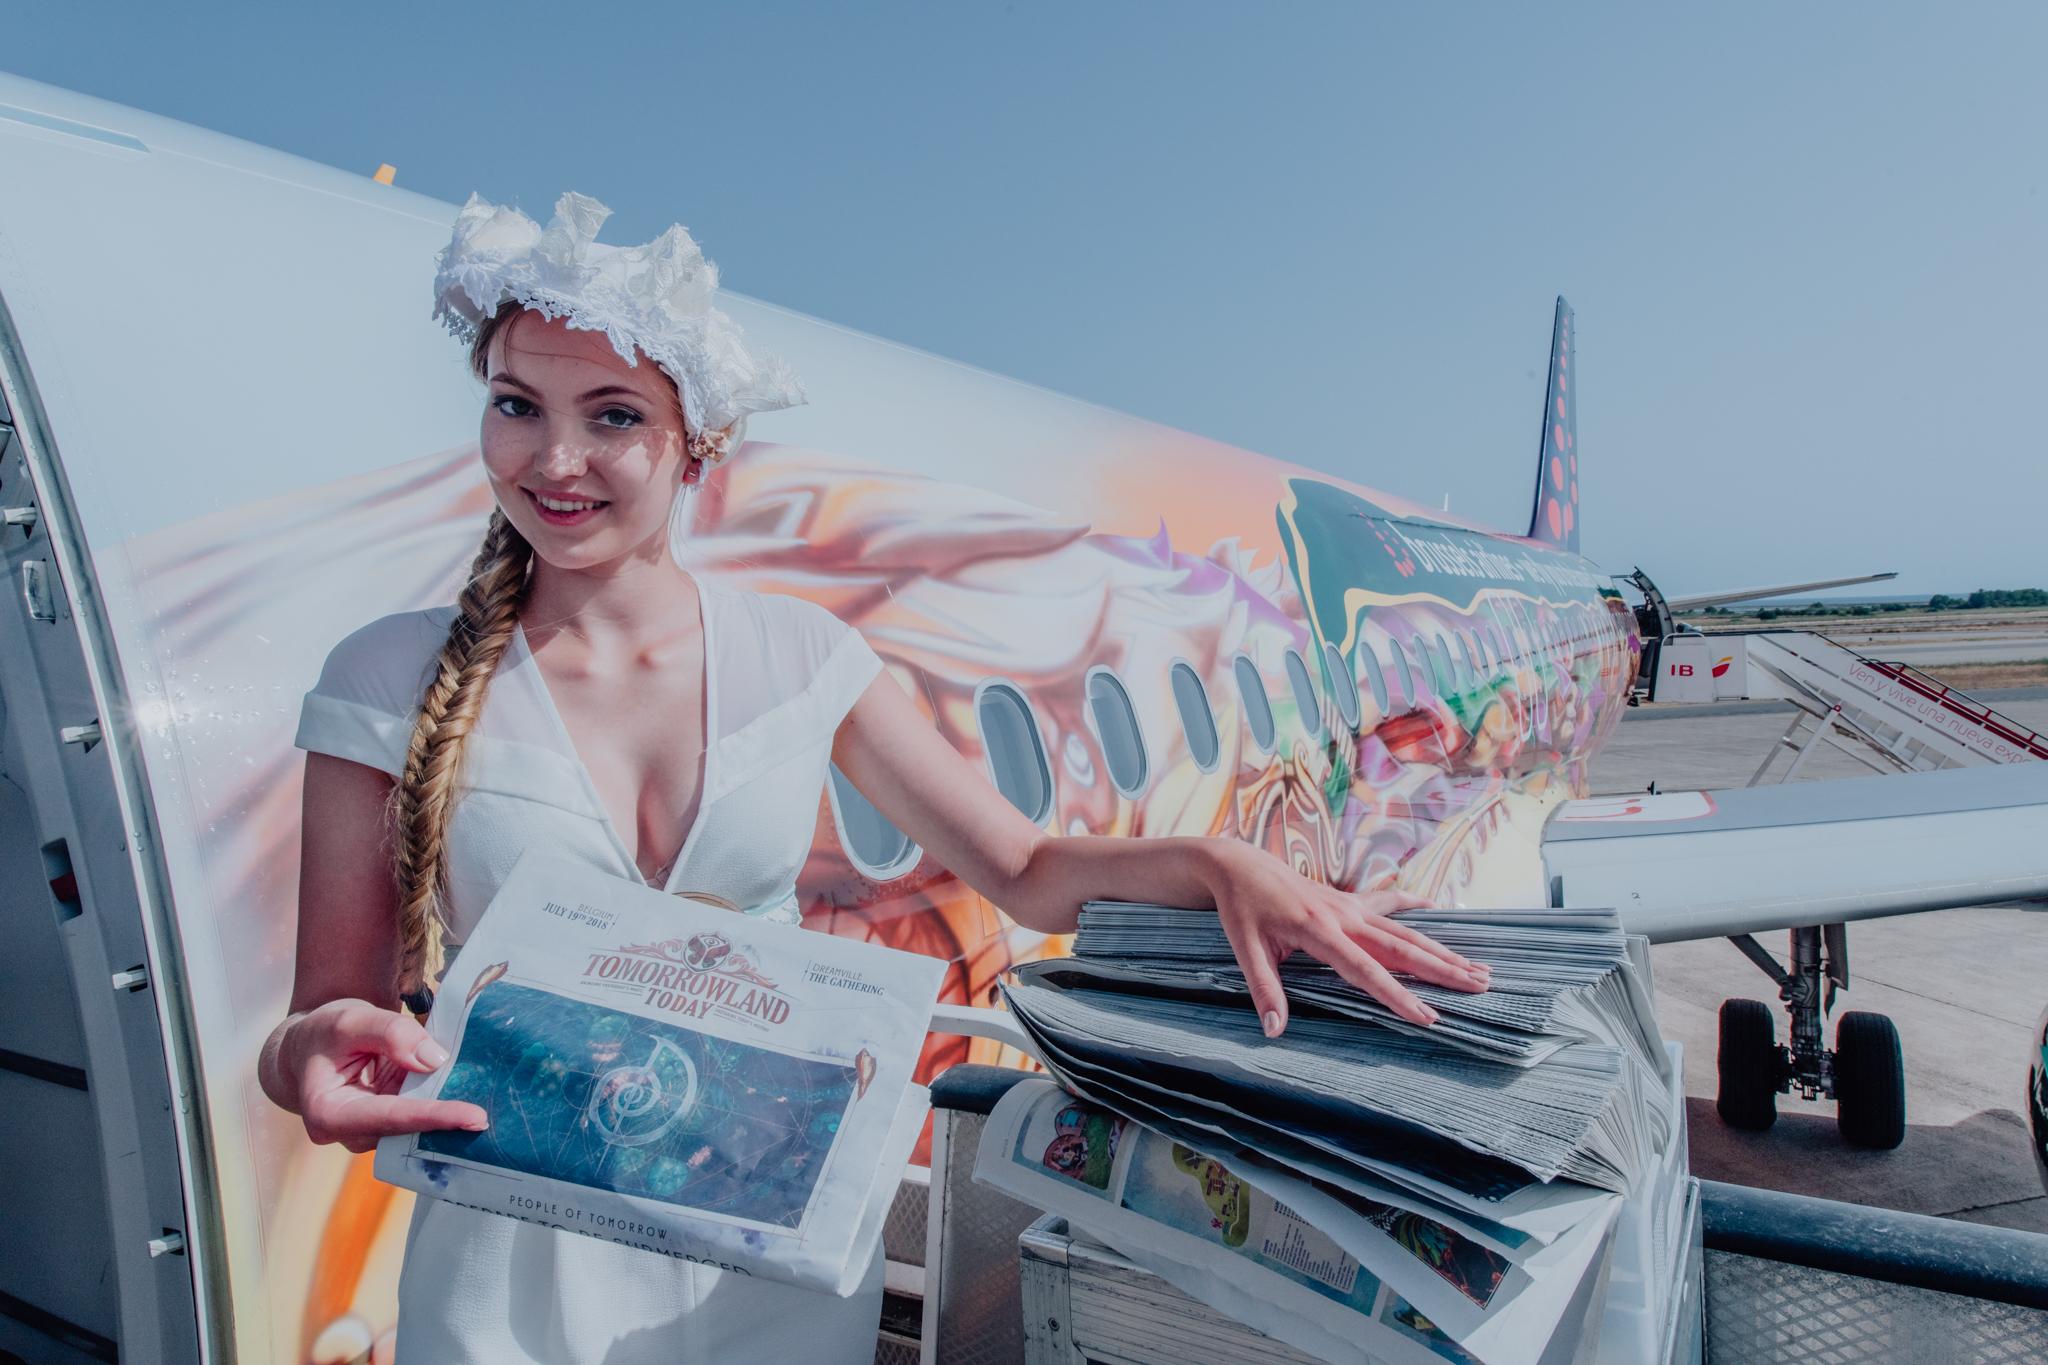 Denne weekend begynder den to uger lange Tomorrowland-festival i Belgien. Brussels Airlines har en særmalet Airbus A320 med navnet Amare som hyldest til kæmpefestivalen. Foto: Brussels Airlines.